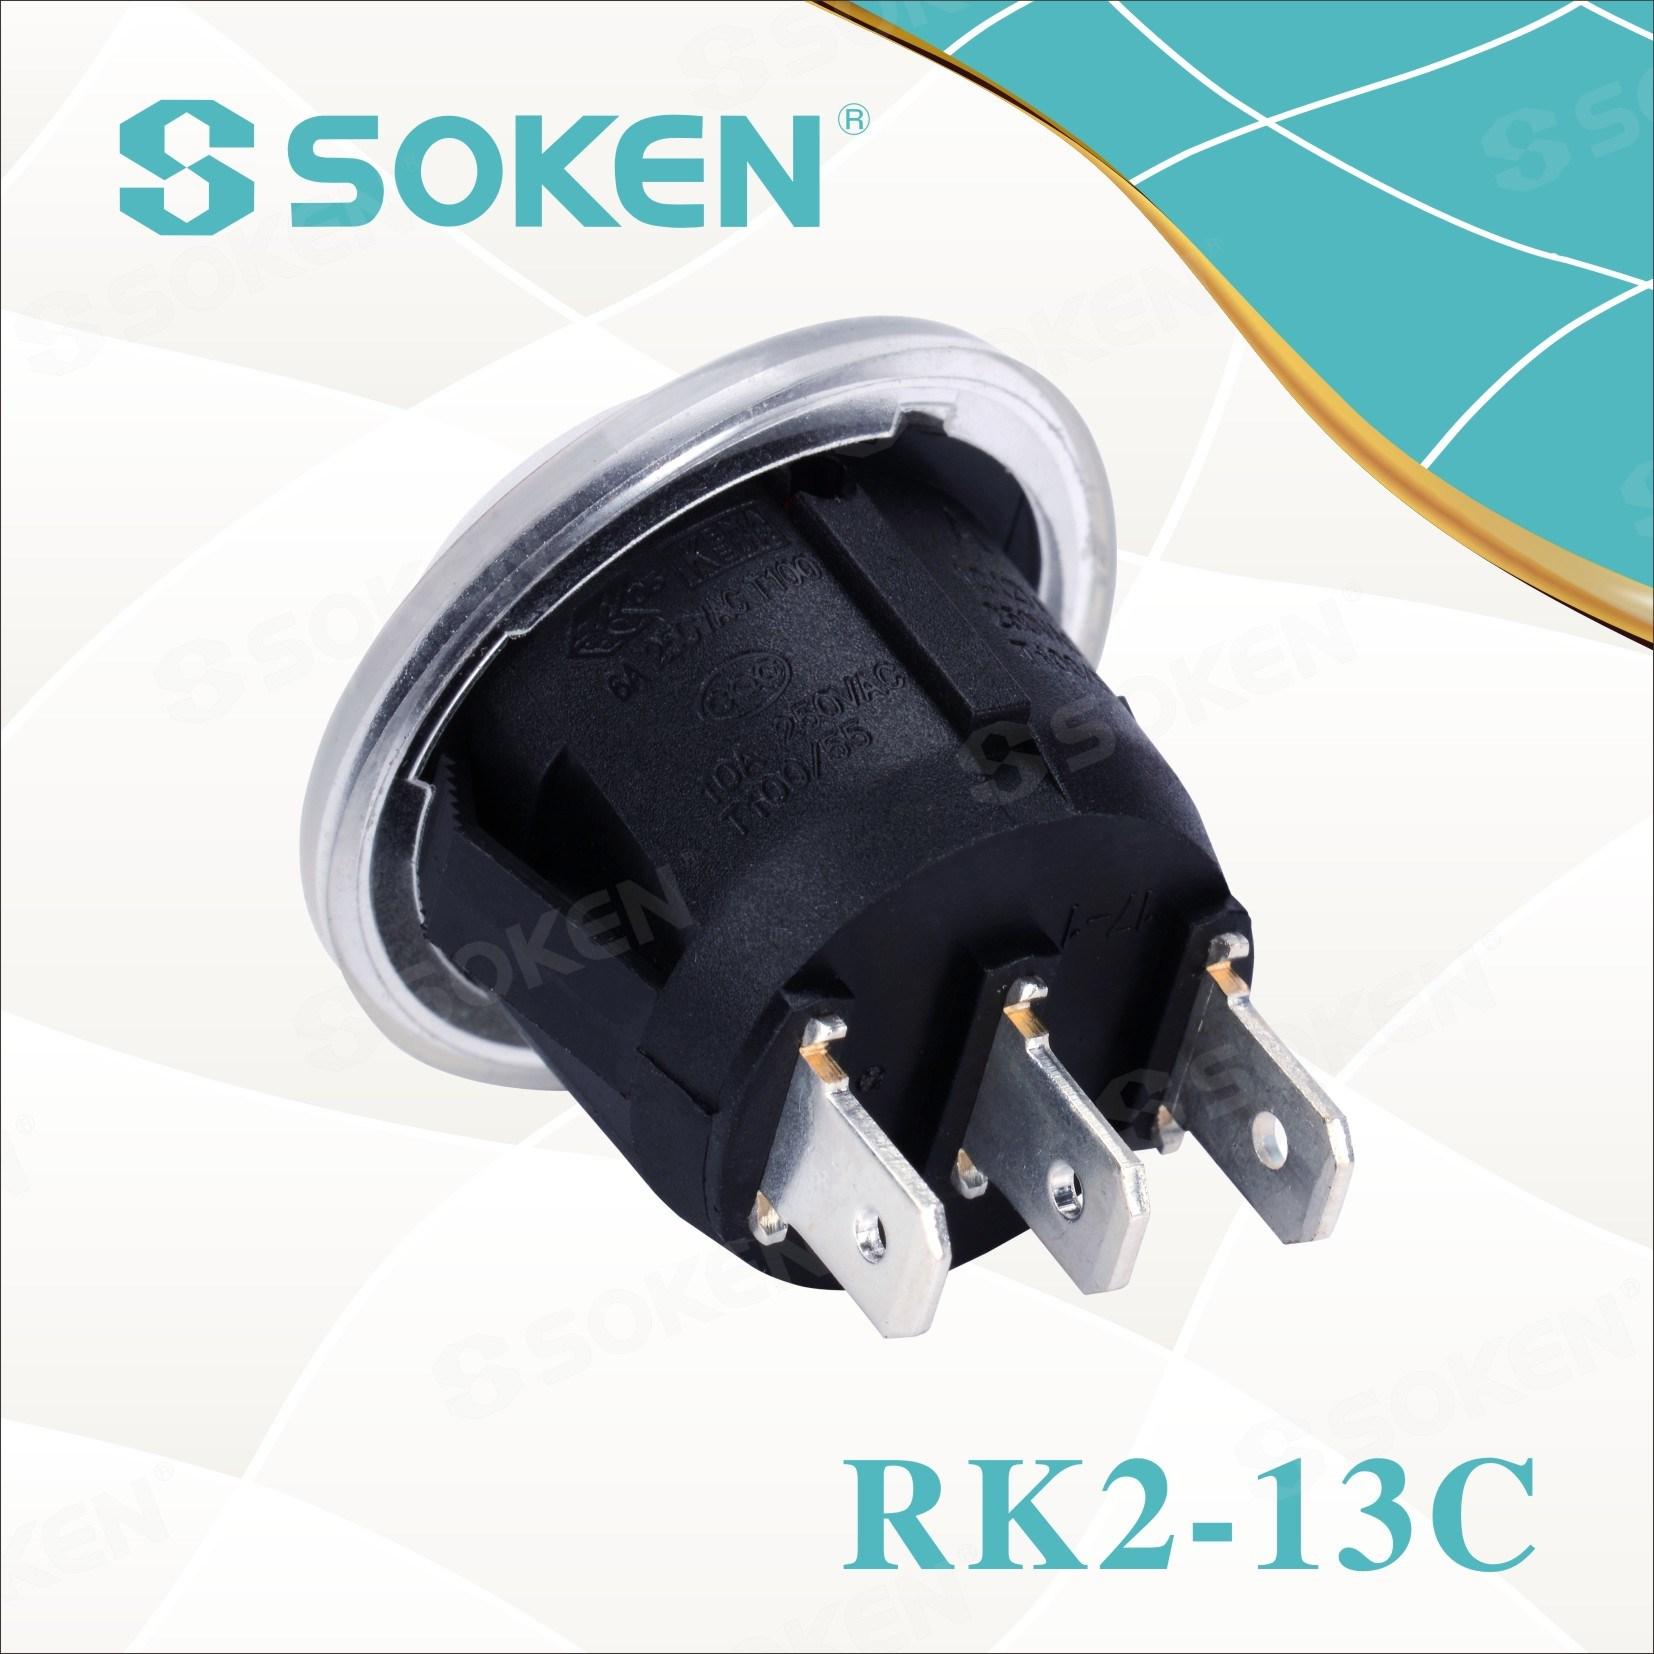 Soken Rk2-13c Round Waterproof Rocker Switch